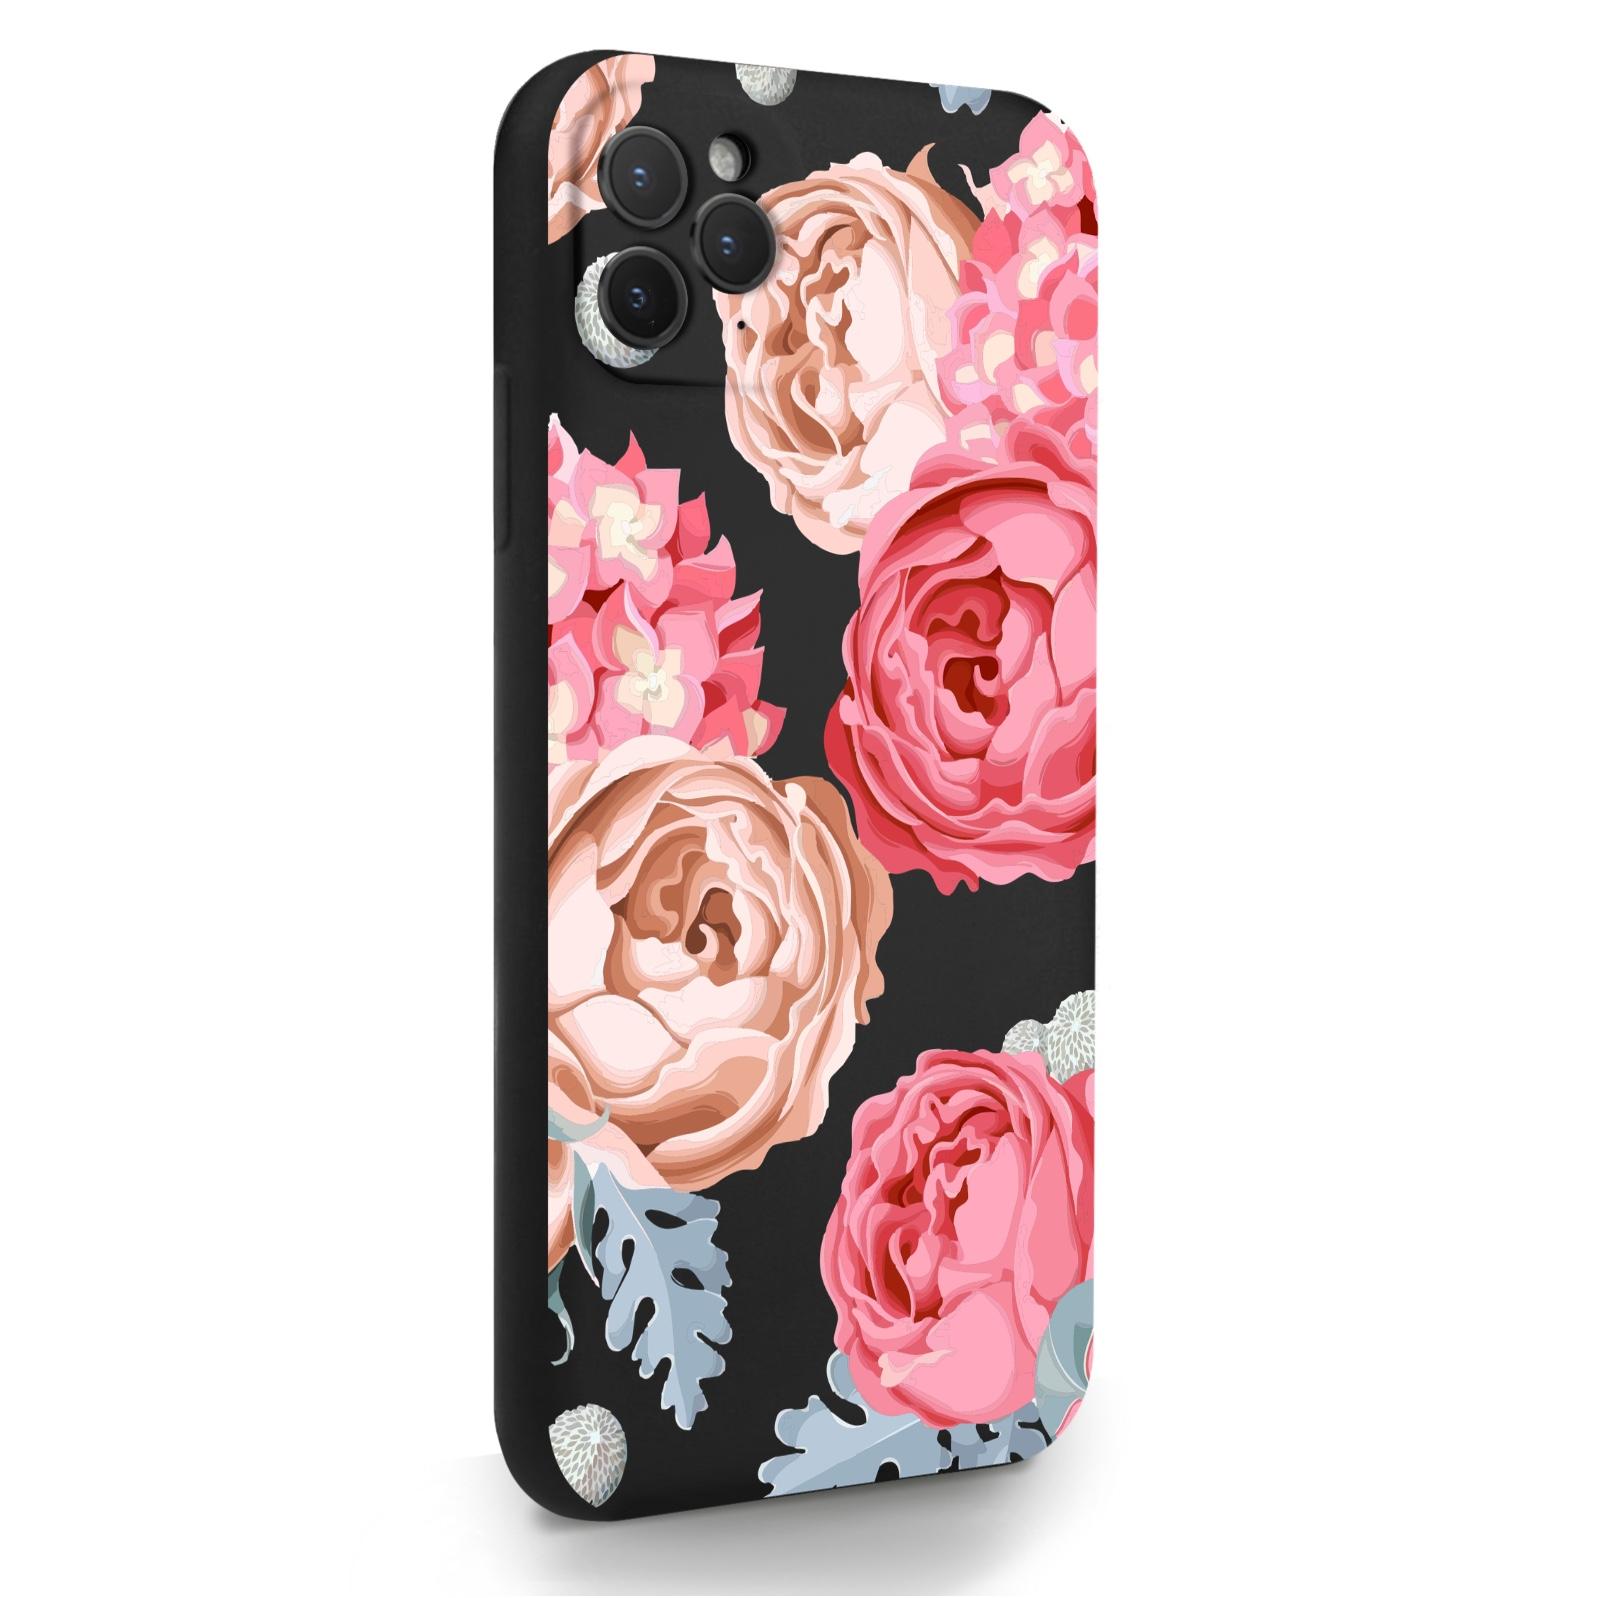 Черный силиконовый чехол для iPhone 11 Pro Max Пионы для Айфон 11 Про Макс